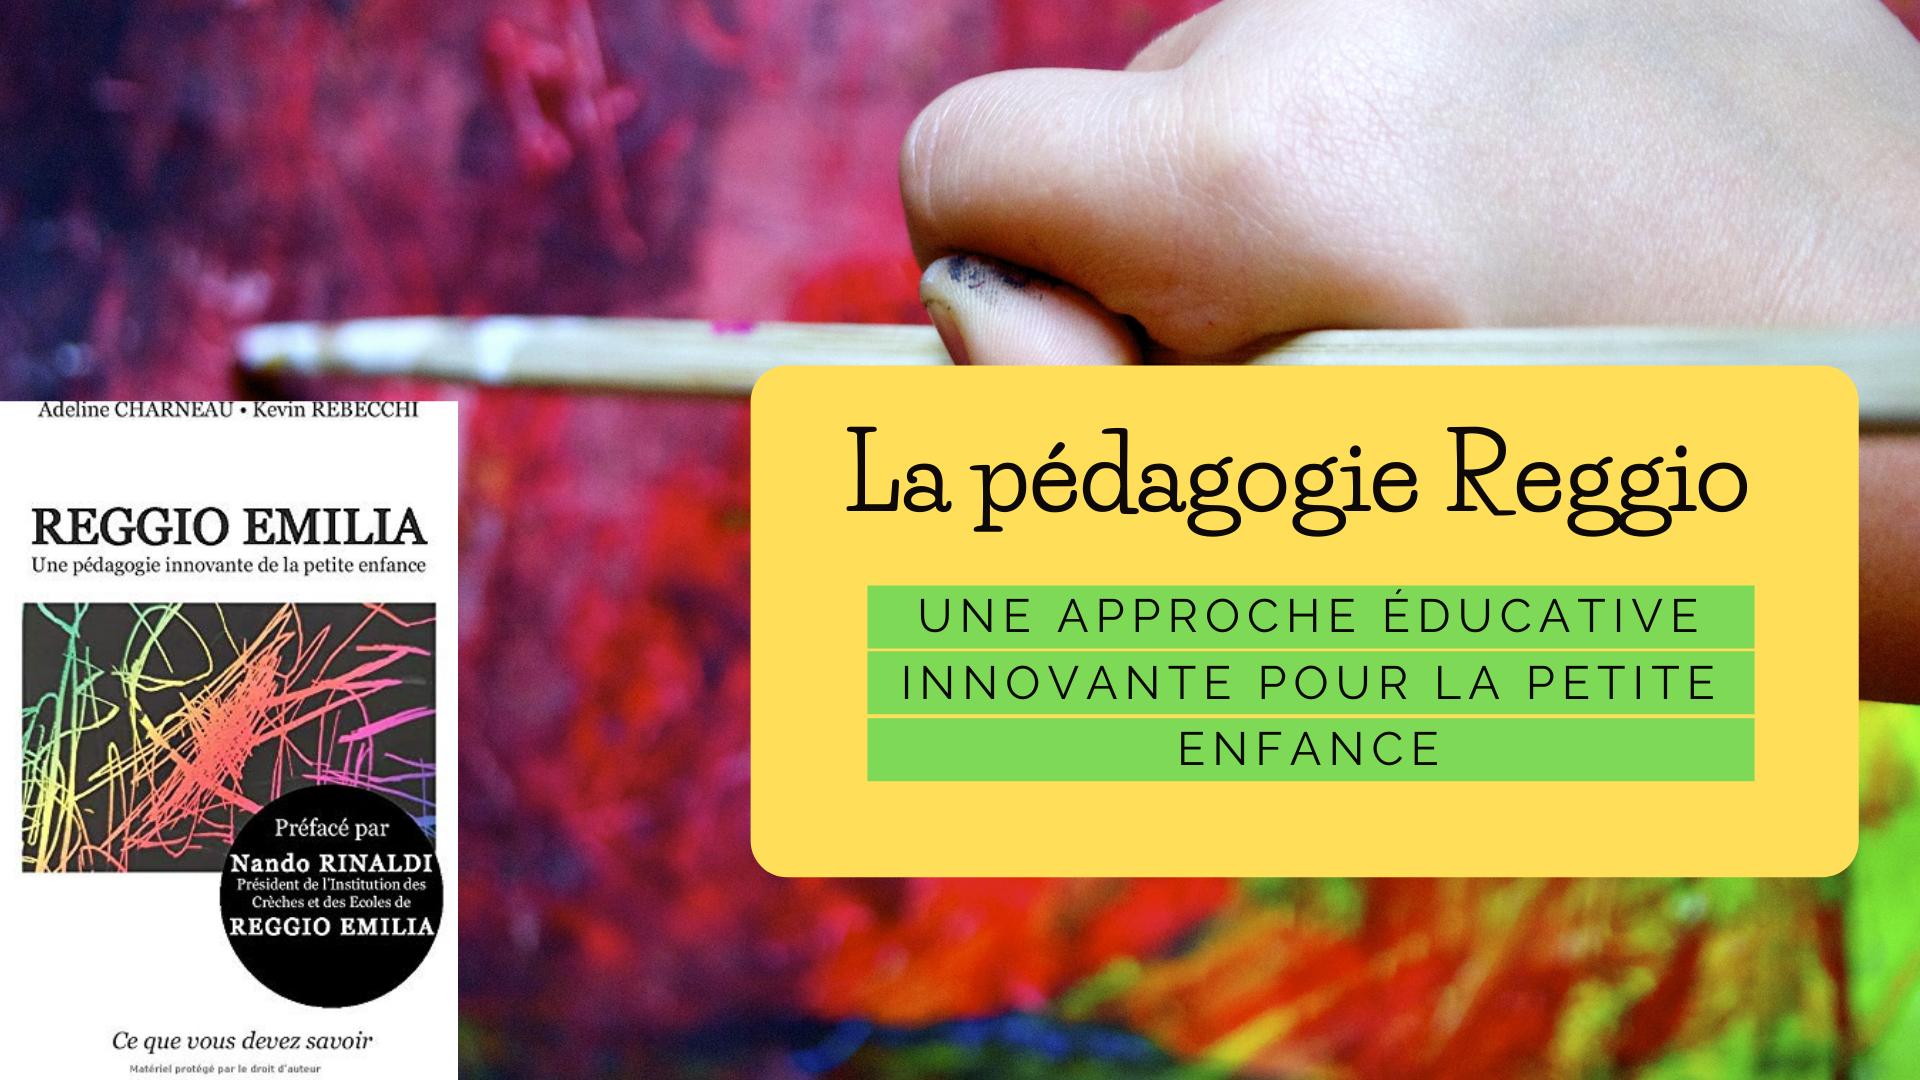 La place de l'enfant dans la pédagogie Reggio